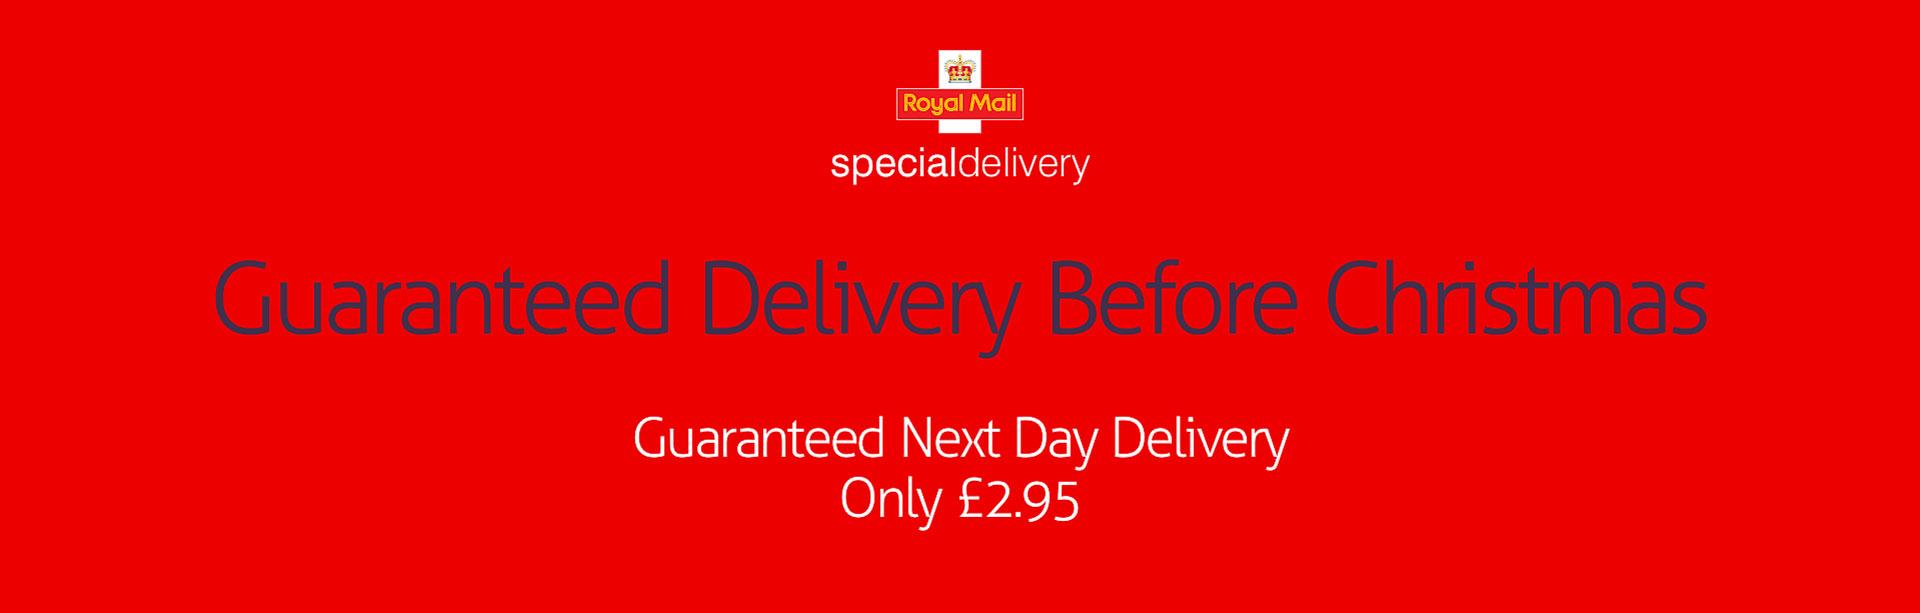 special-delivery-slider